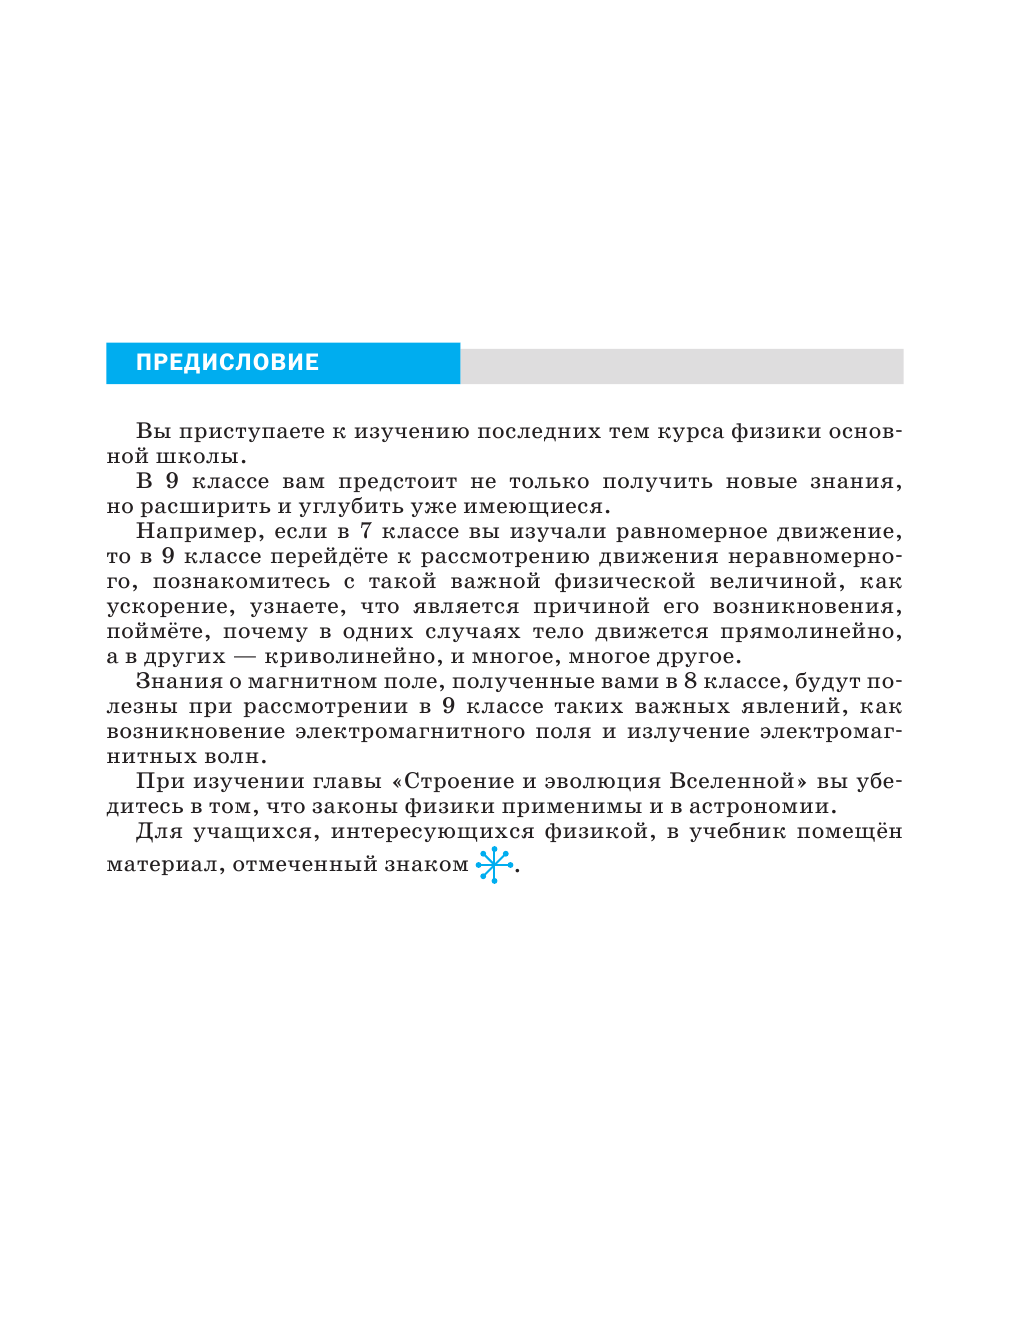 Ответы mail.ru помогите пожалуйста найти книгу по обж 9 класс